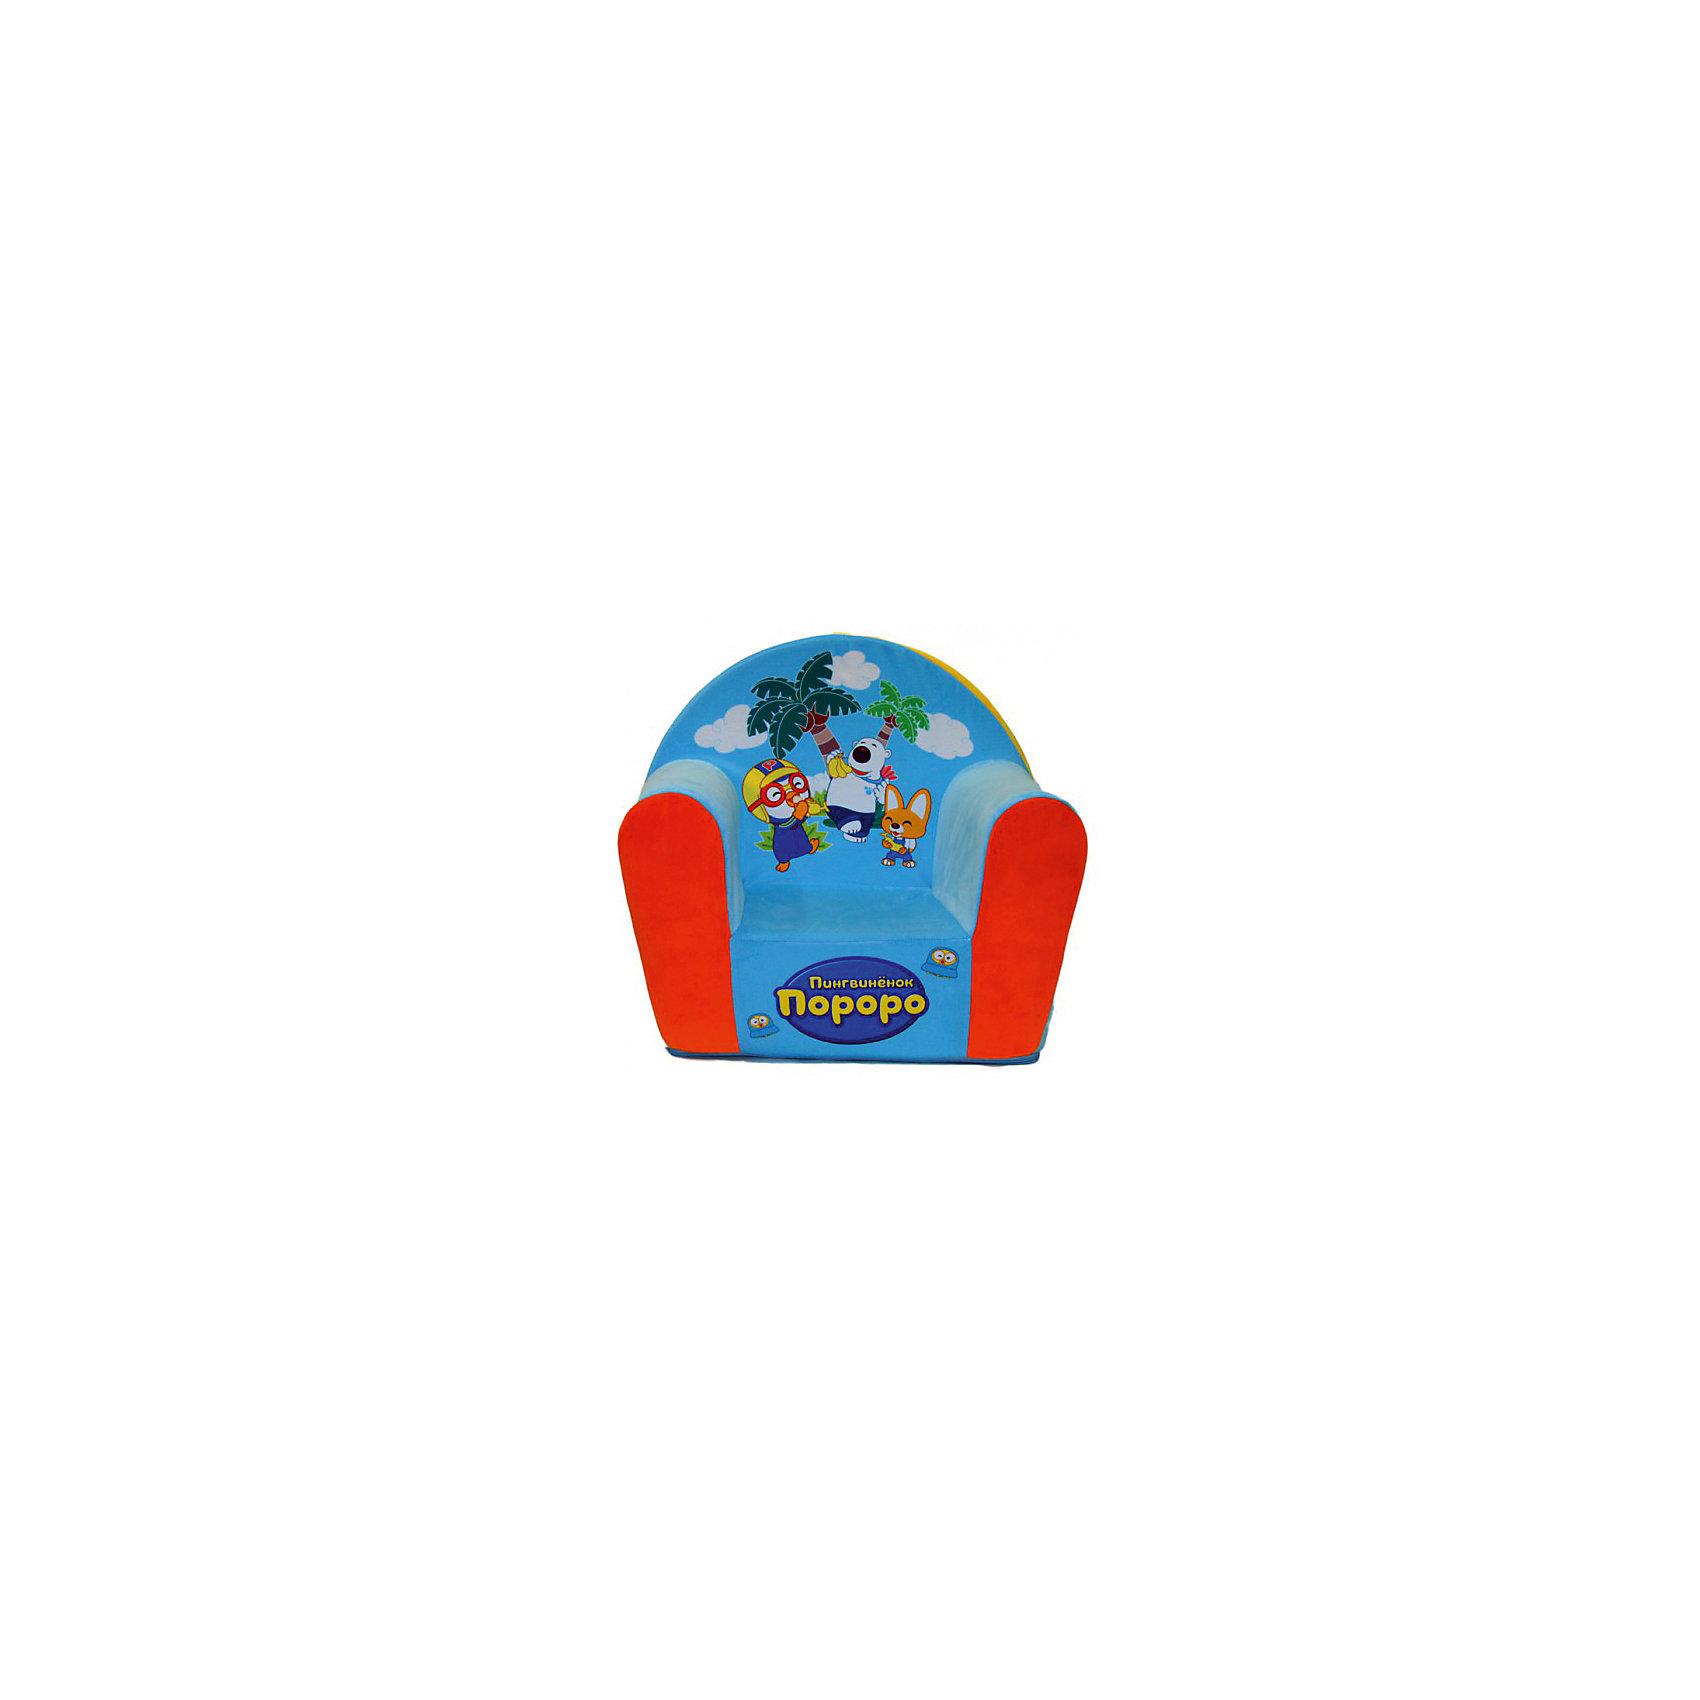 Мягкое кресло с чехлом Пороро в50, СмолТойс, голубойДумаете, чем порадовать ребенка? Подарите это кресло! Детям очень важно иметь свои вещи, это касается не только посуды и игрушек, но и мебели. Именно поэтому такое кресло станет действительно желанным подарком для малыша. Тем более, что на нем есть изображение любимого мультяшного героя современных детей - пингвиненка Пороро.<br>Обивка кресла - мягкая и приятная на ощупь. Внутри предмет заполнен мягким пенополиуретаном! Кресло легкое, но устойчивое. Детям будет интересно и удобно в нем сидеть или играть. Такое яркое и симпатичное кресло оживит и украсит комнату ребенка!<br><br>Дополнительная информация:<br><br>цвет: разноцветный;<br>материал: трикотаж, пенополиуретан, дерево;<br>декорировано изображением Пороро;<br>размер: 500 х 410 х 330 мм.<br><br>Мягкое кресло с чехлом Пороро в50 можно купить в нашем магазине.<br><br>Ширина мм: 34<br>Глубина мм: 53<br>Высота мм: 50<br>Вес г: 1100<br>Возраст от месяцев: 36<br>Возраст до месяцев: 1188<br>Пол: Унисекс<br>Возраст: Детский<br>SKU: 4996602